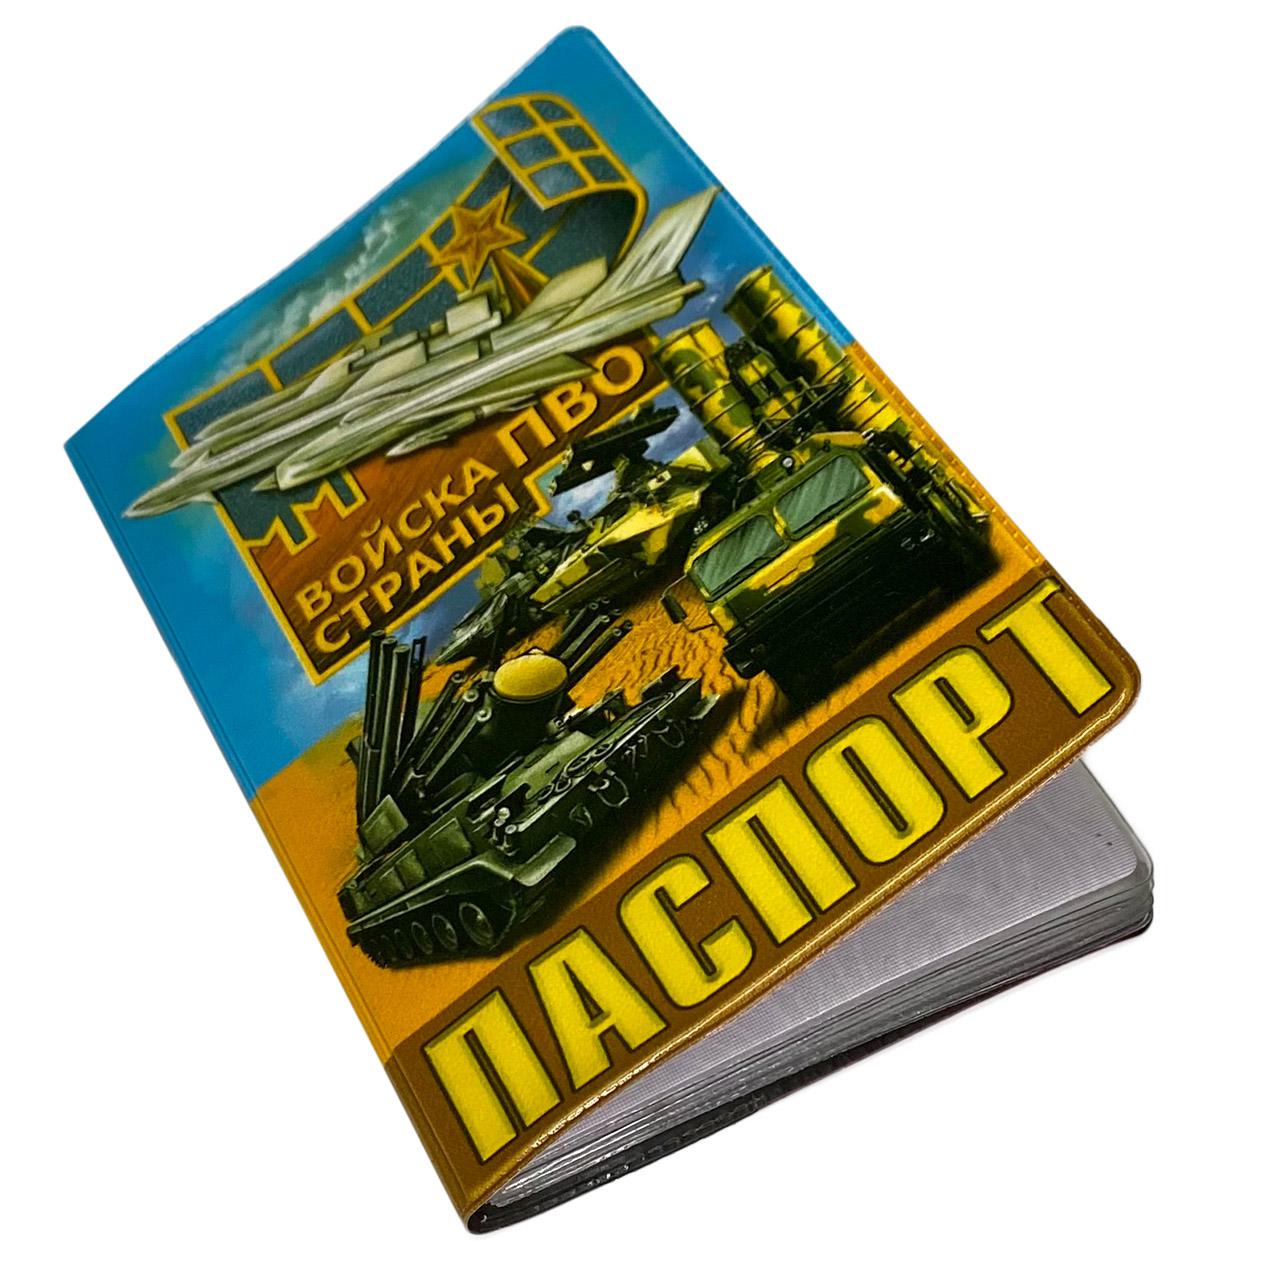 """Купить обложку на паспорт """"Войска ПВО"""" по выгодной цене с доставкой"""